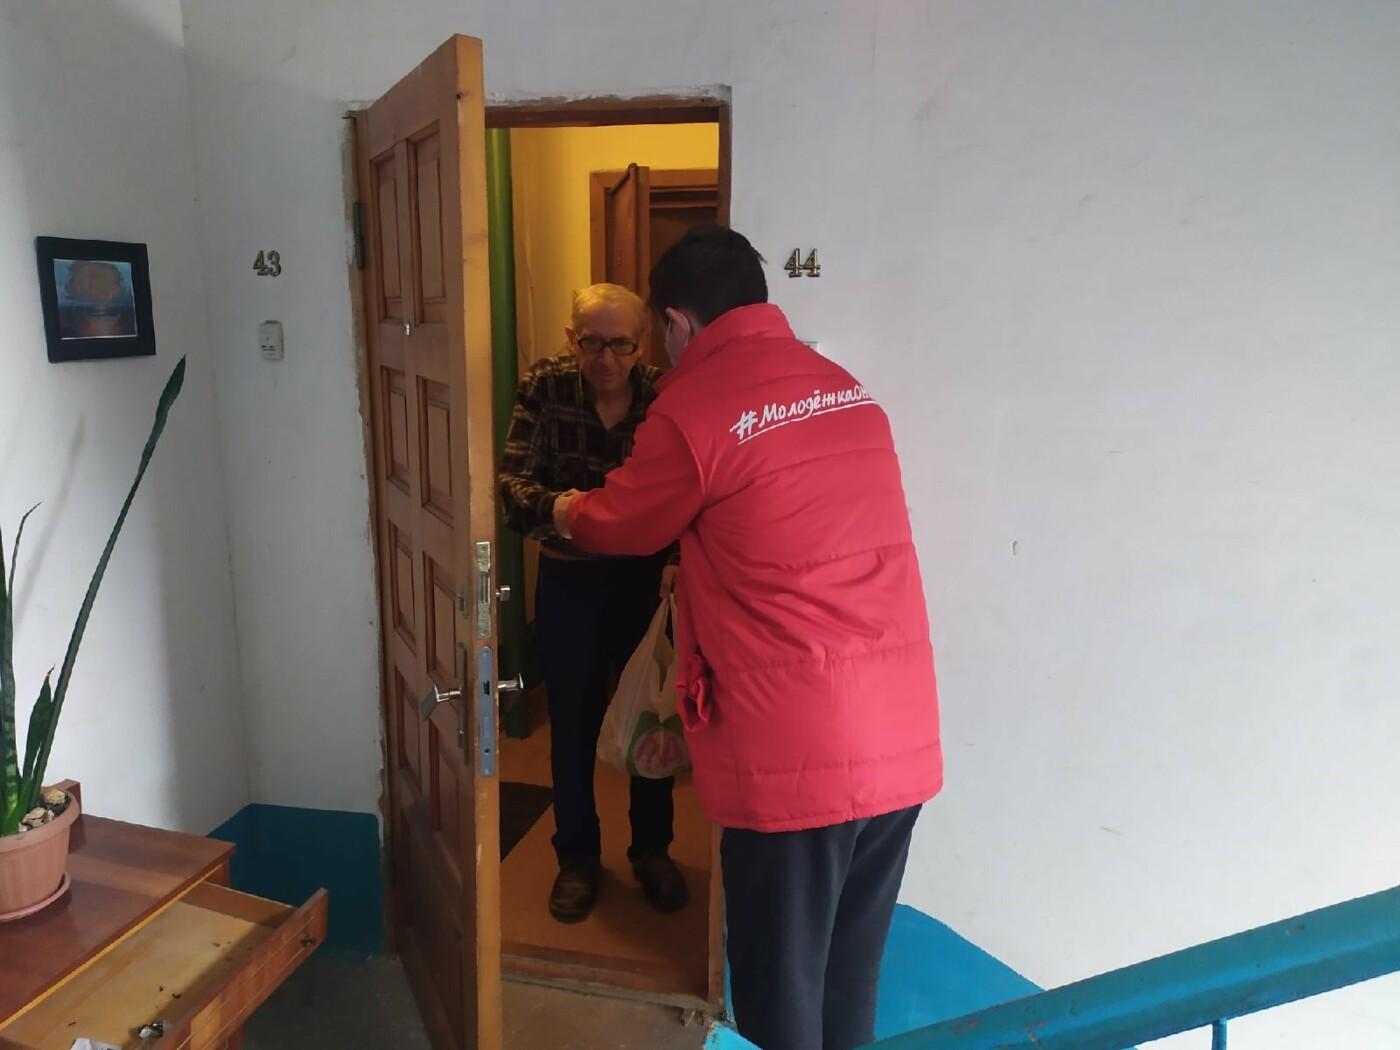 В Крыму волонтеры помогают пожилым и маломобильным гражданам на период эпидемии коронавируса, фото-4